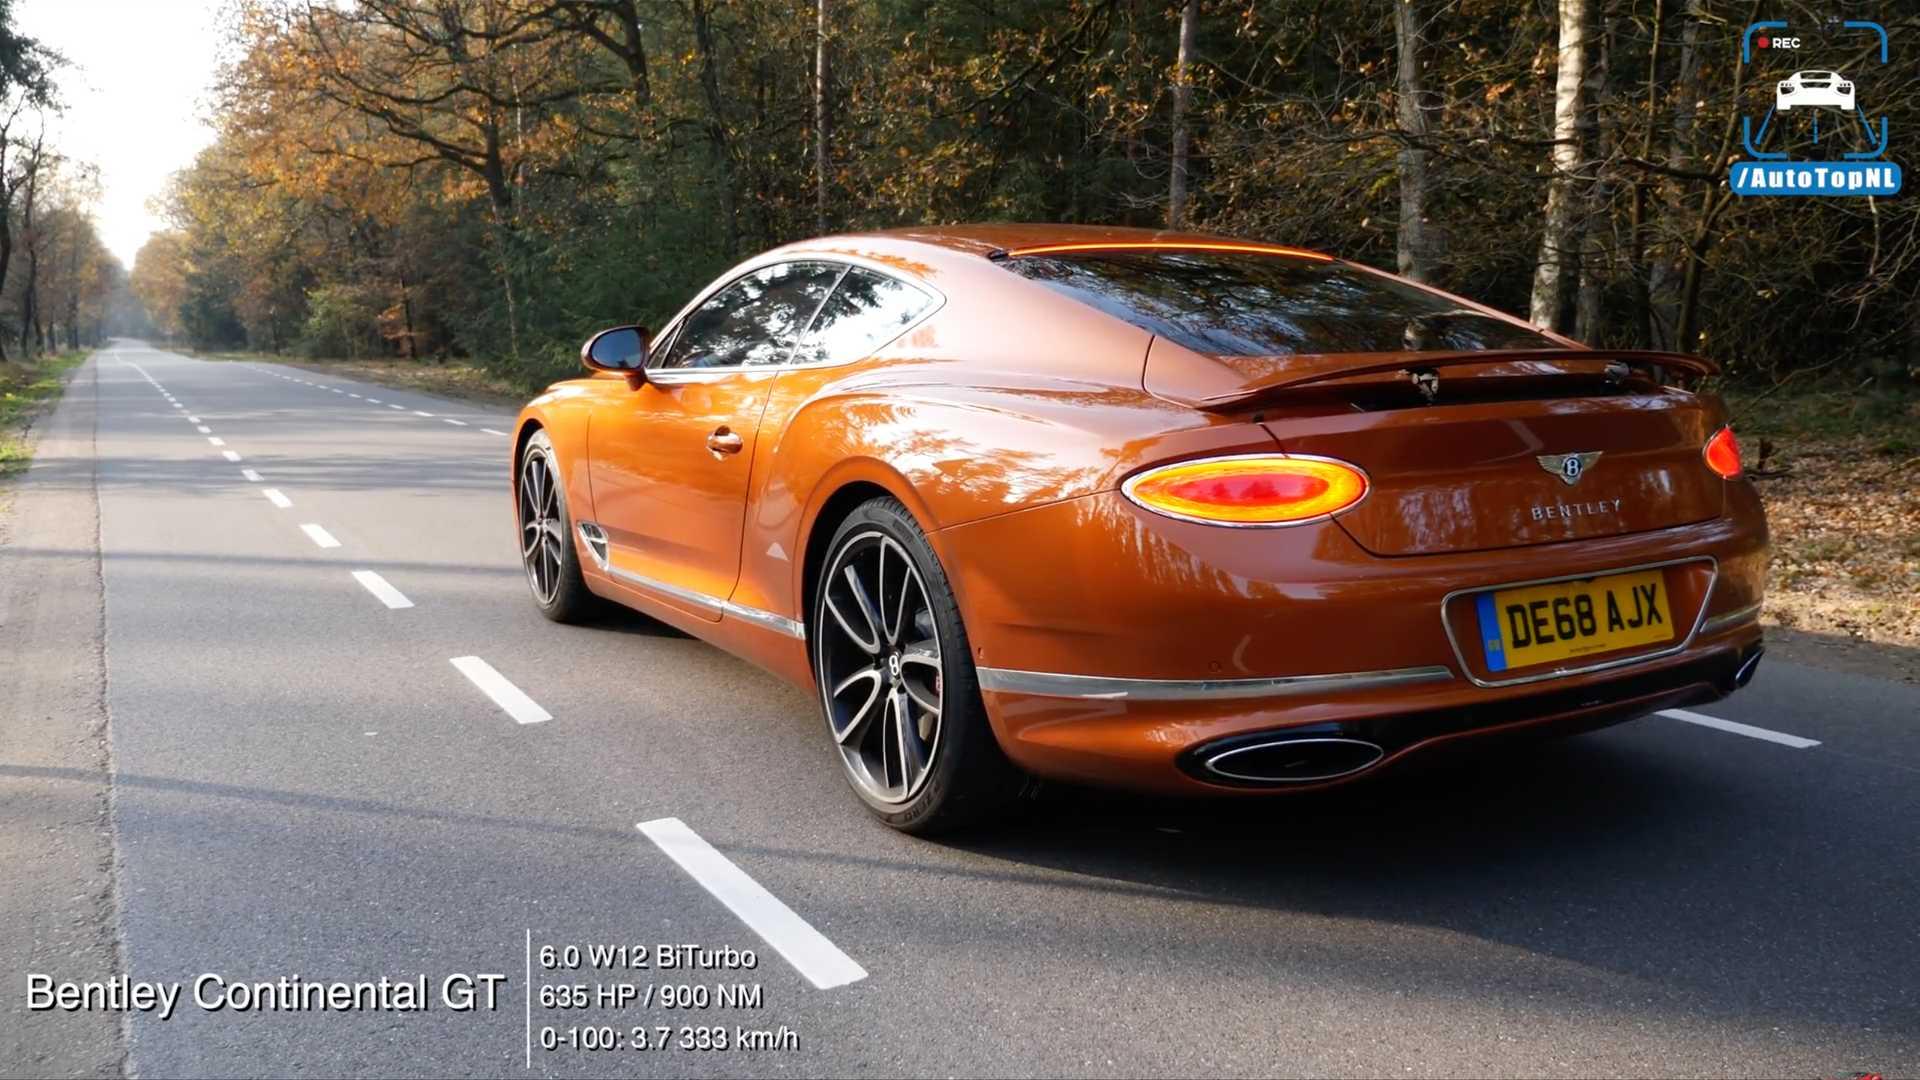 87 New 2019 Bentley Review with 2019 Bentley